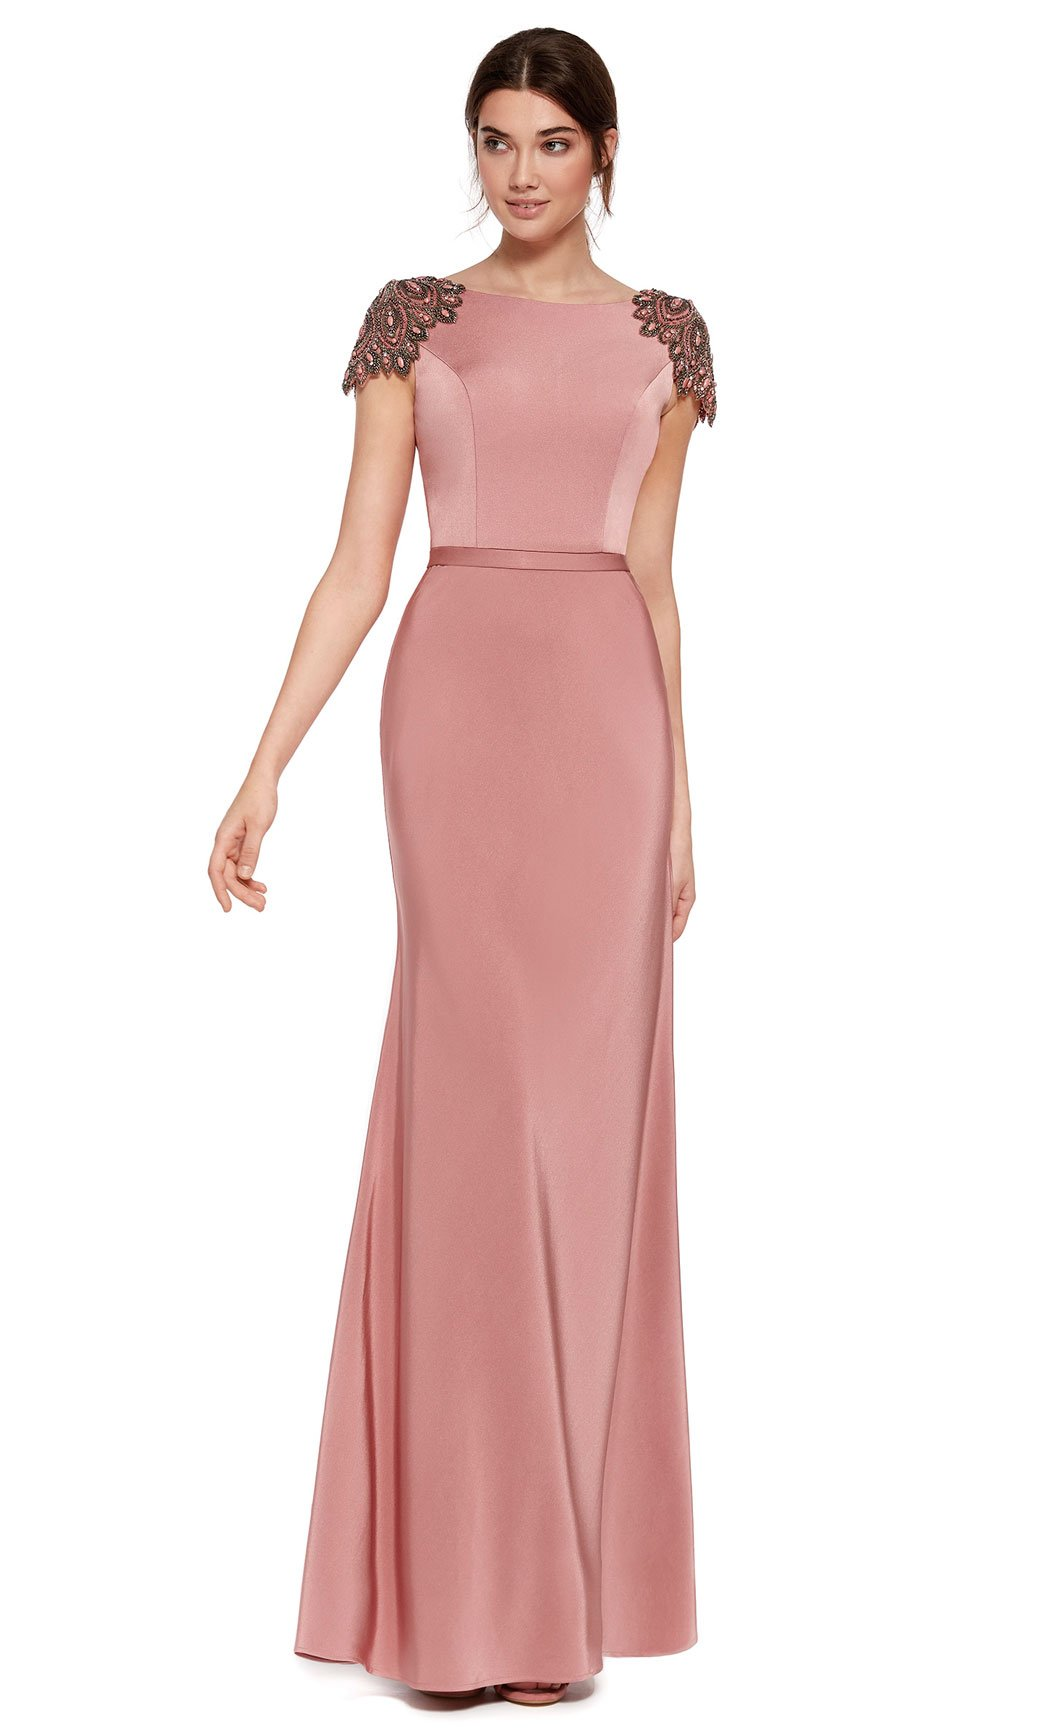 Comprar Online Vestidos de Fiesta Largos - Shop Online > TALLAS 38 ...